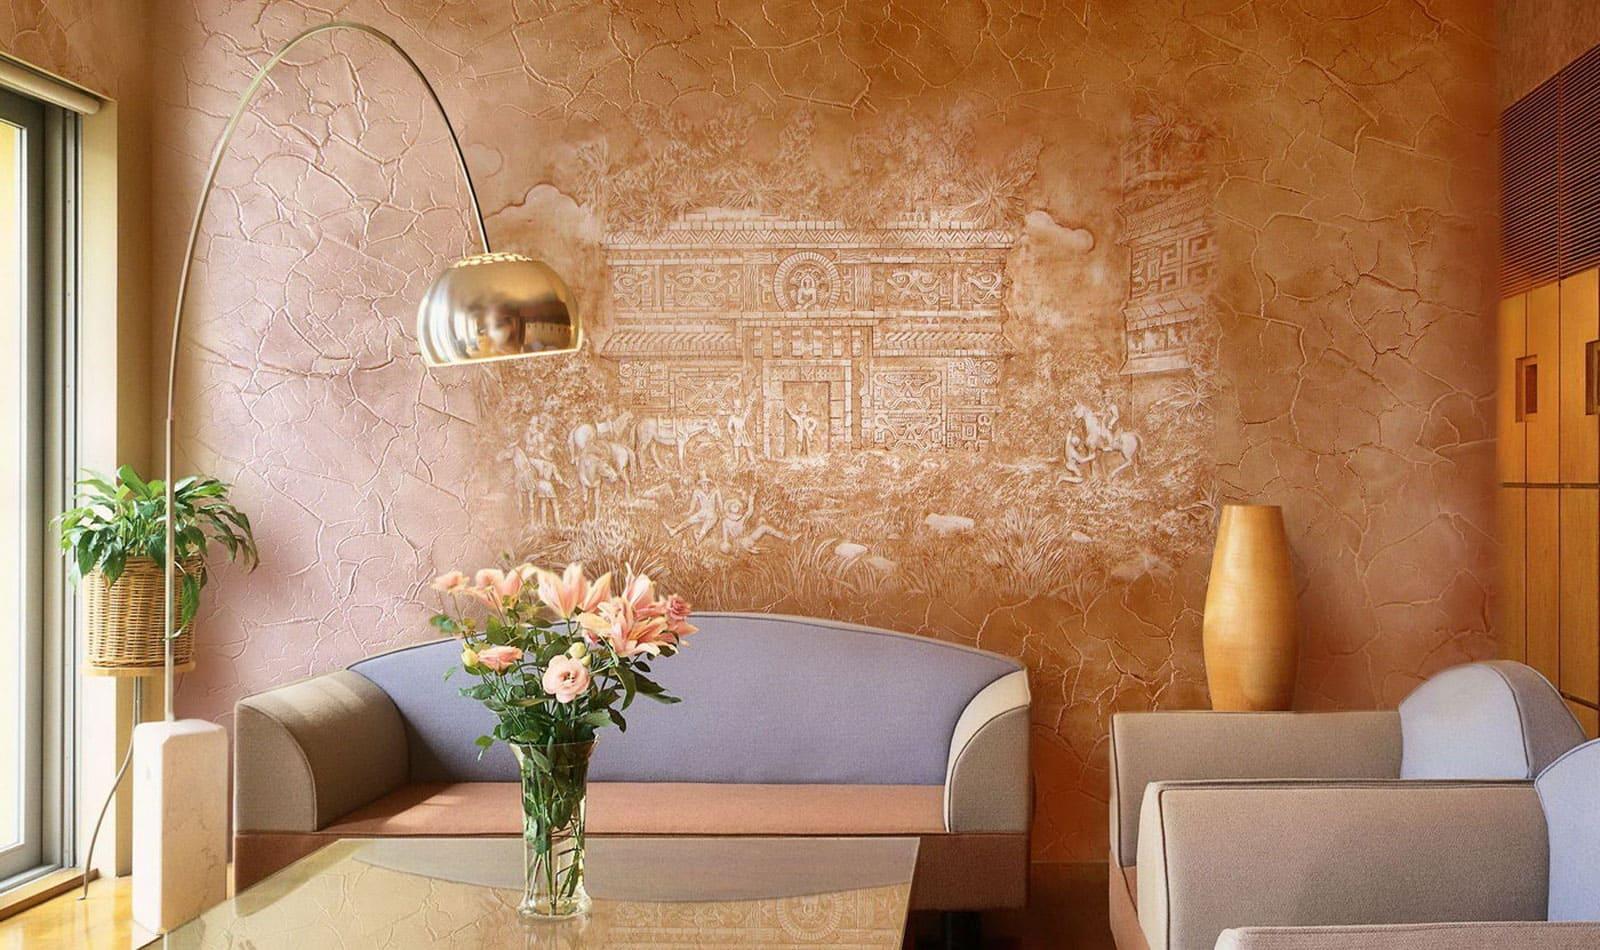 Декоративная штукатурка - лучшие красивые варианты отделки стен в интерьере 049